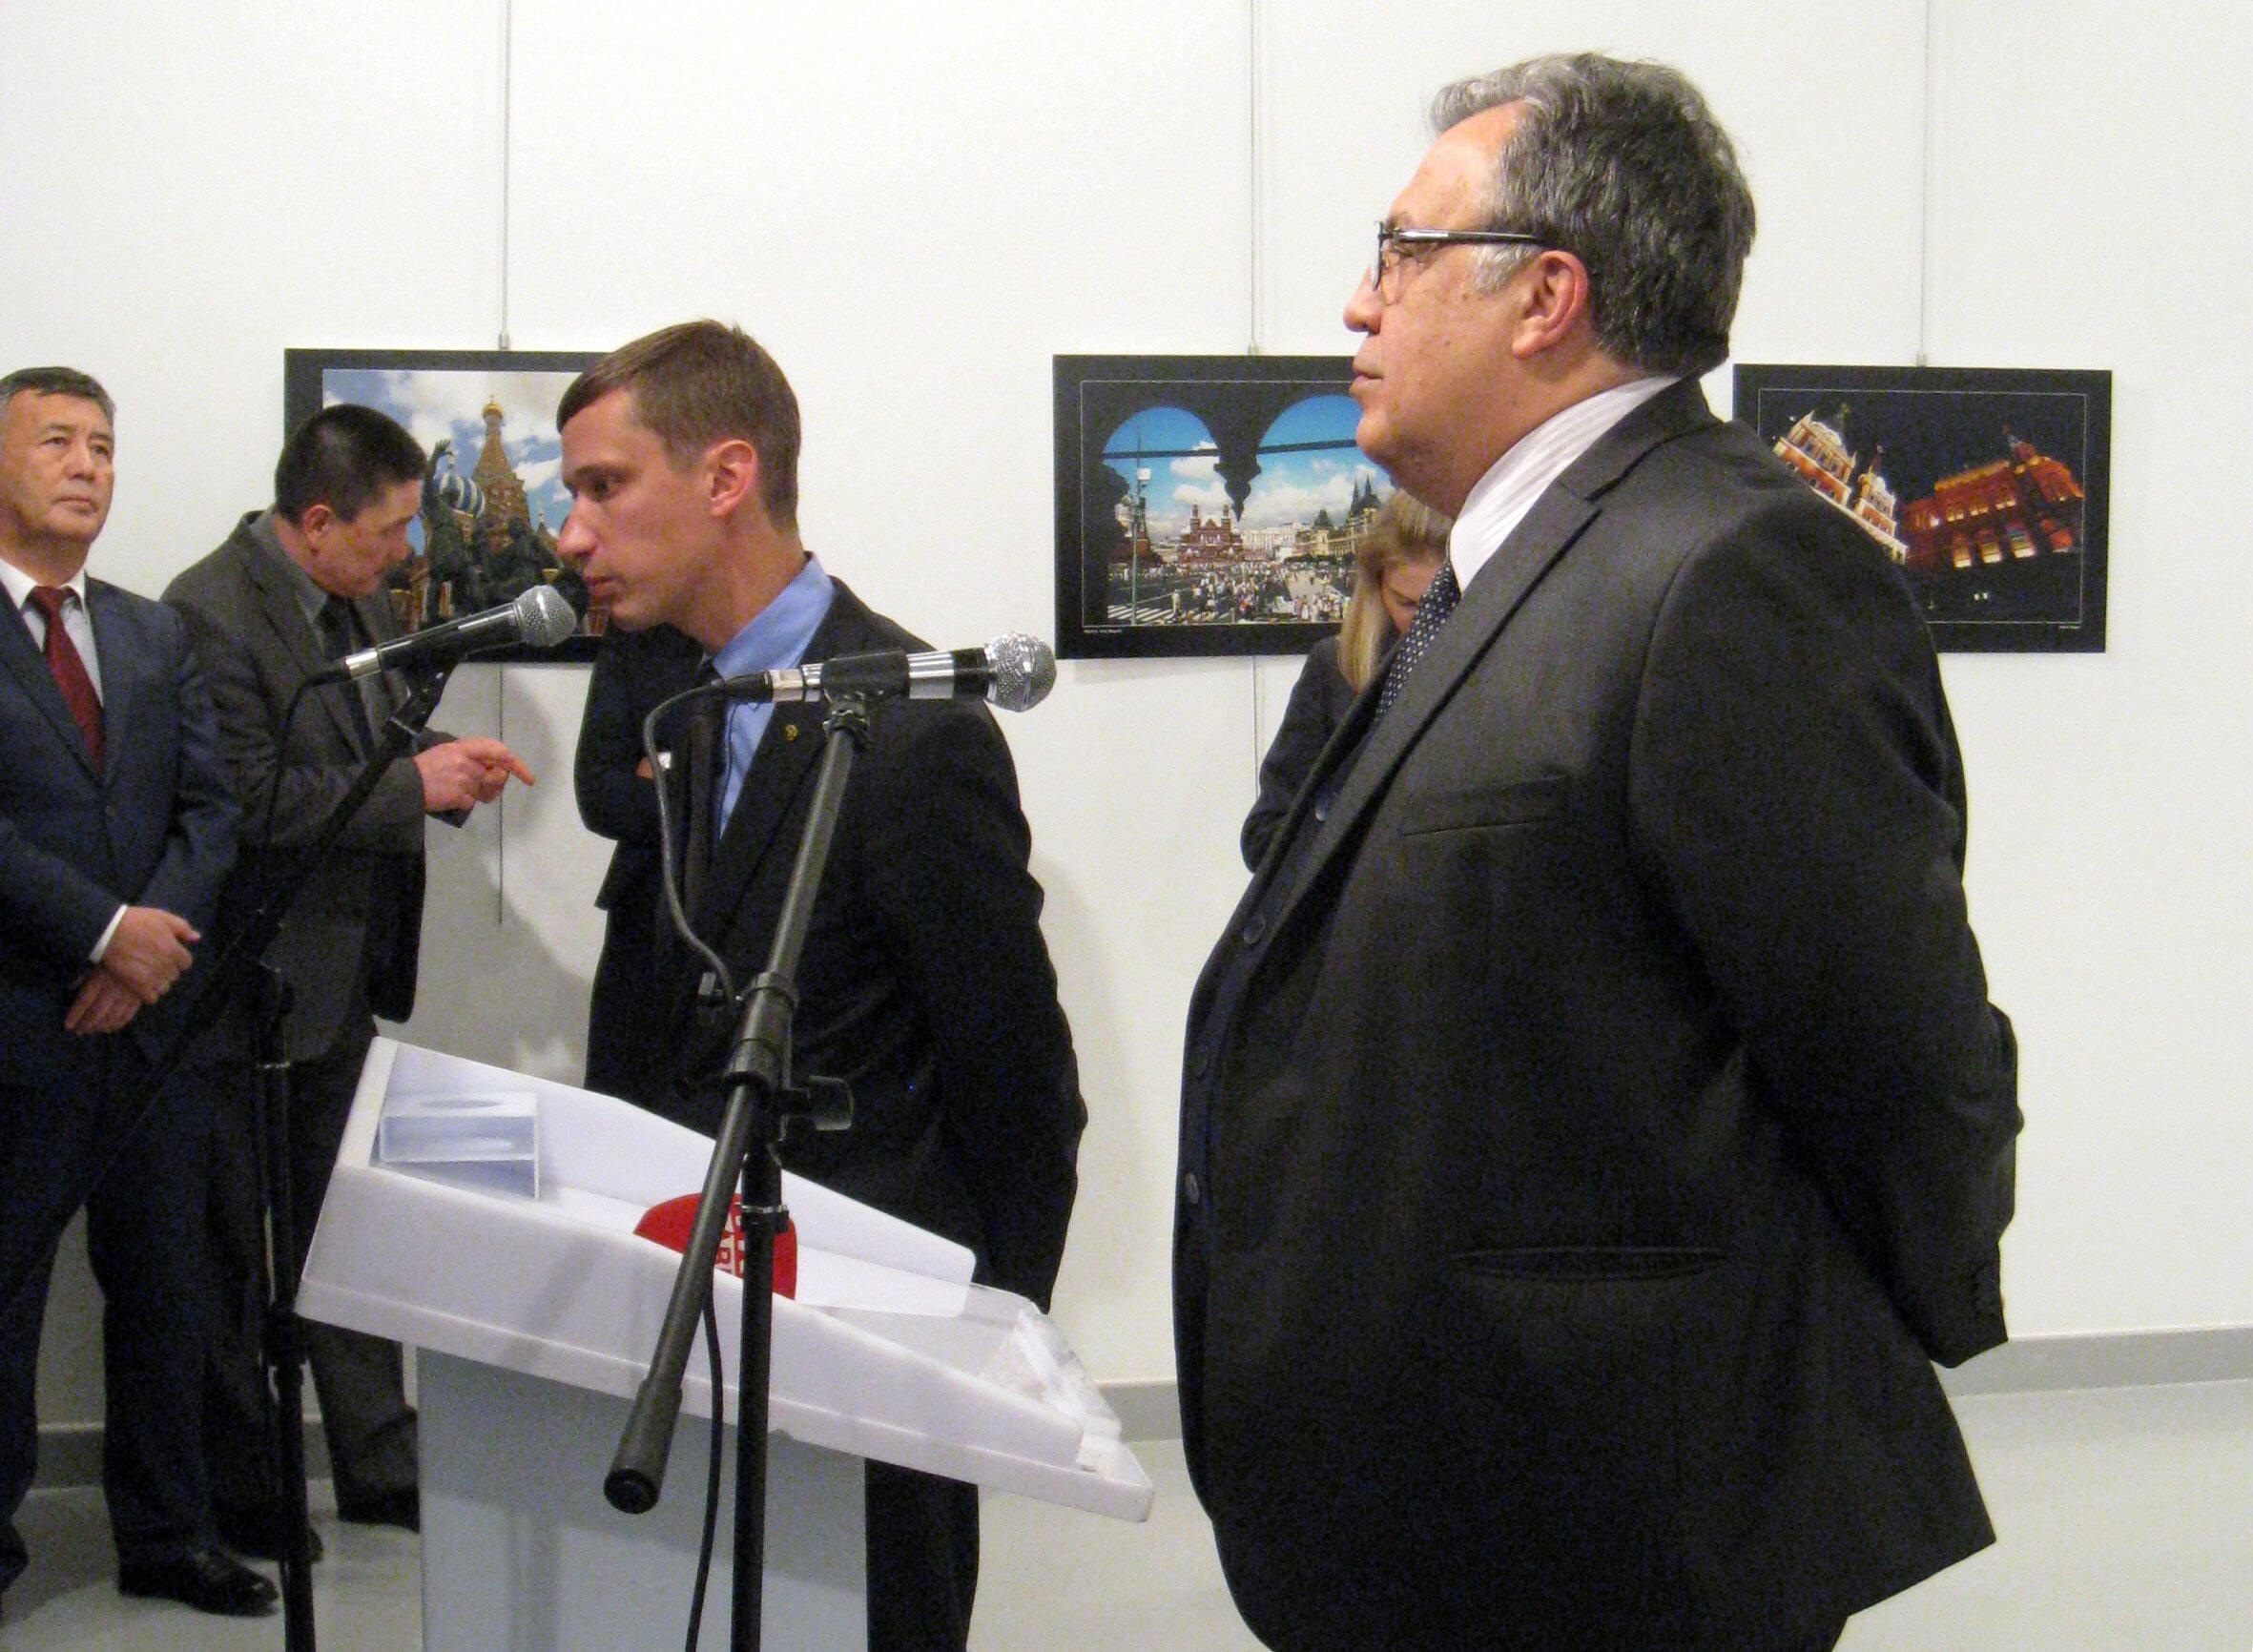 Андрей Карлов (справа) перед убийством на открытии фотовыставки в Анкаре. 19 декабря 2016 г.